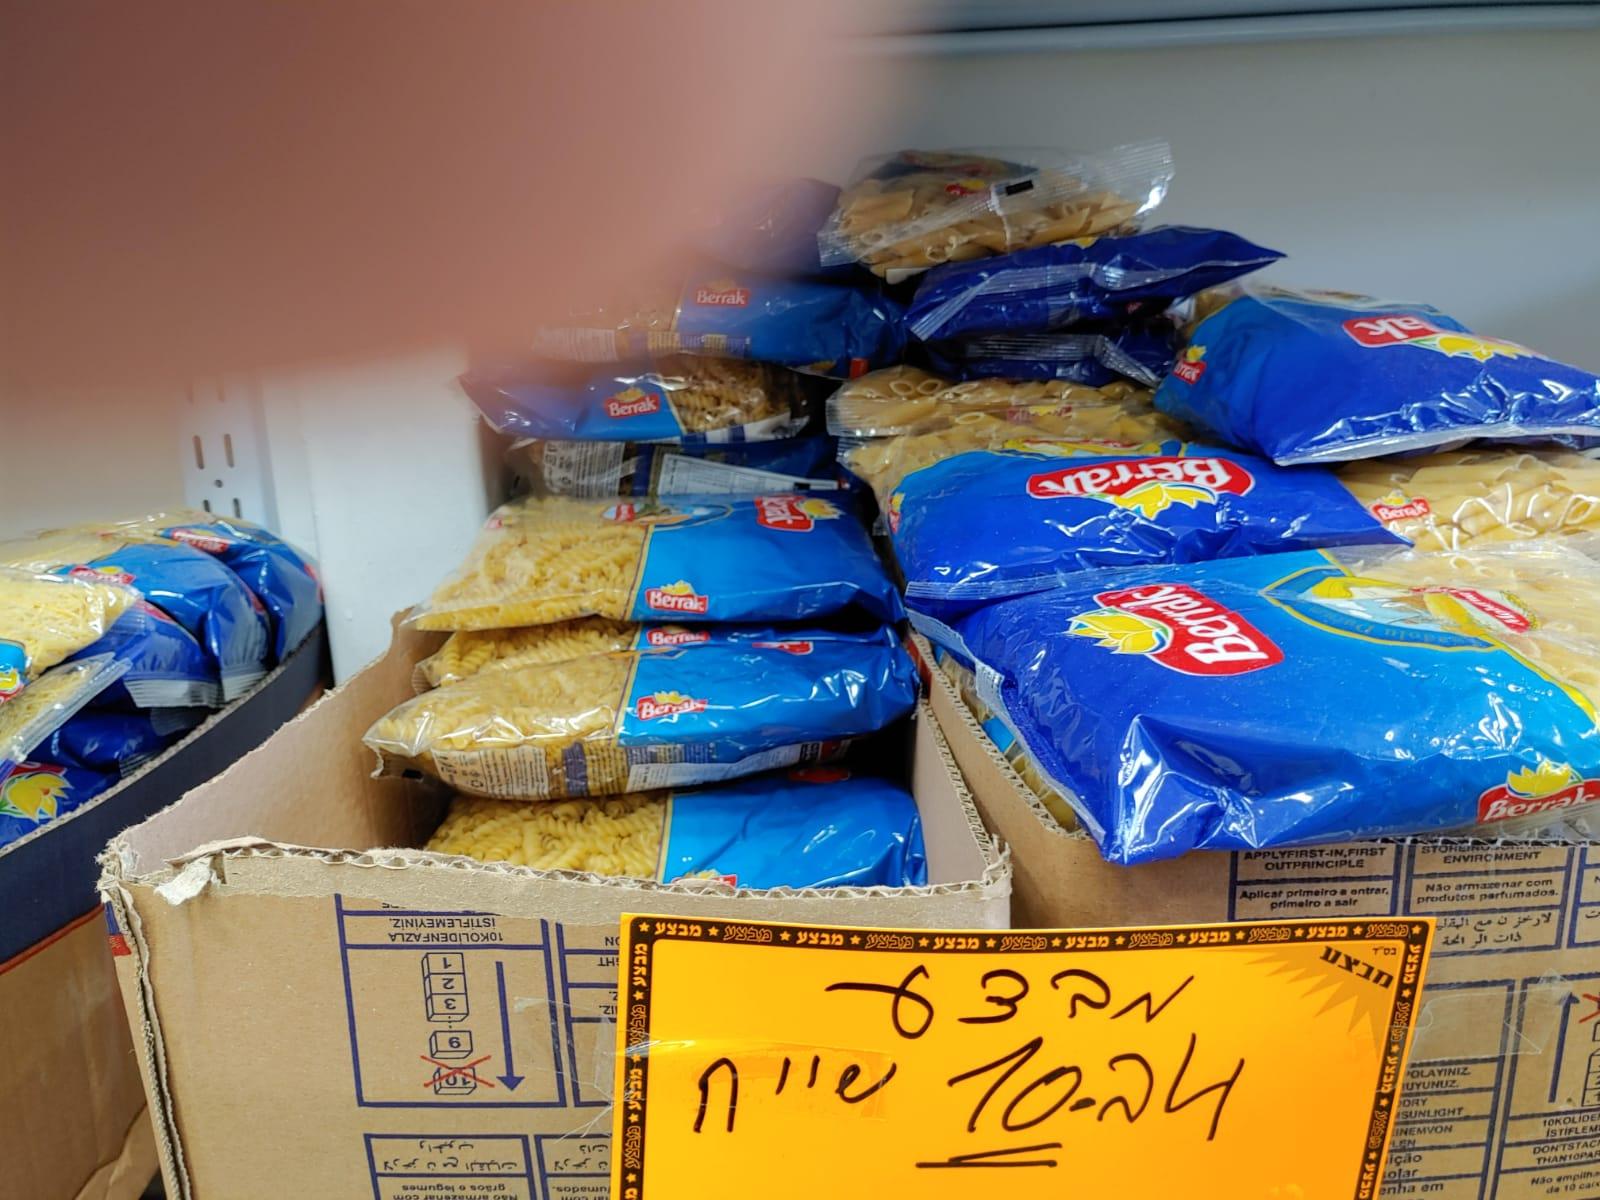 يافا: الزهراء للعطارة والمواد الغذائية تُعلن عن حملة تخفيضات على الأسعار